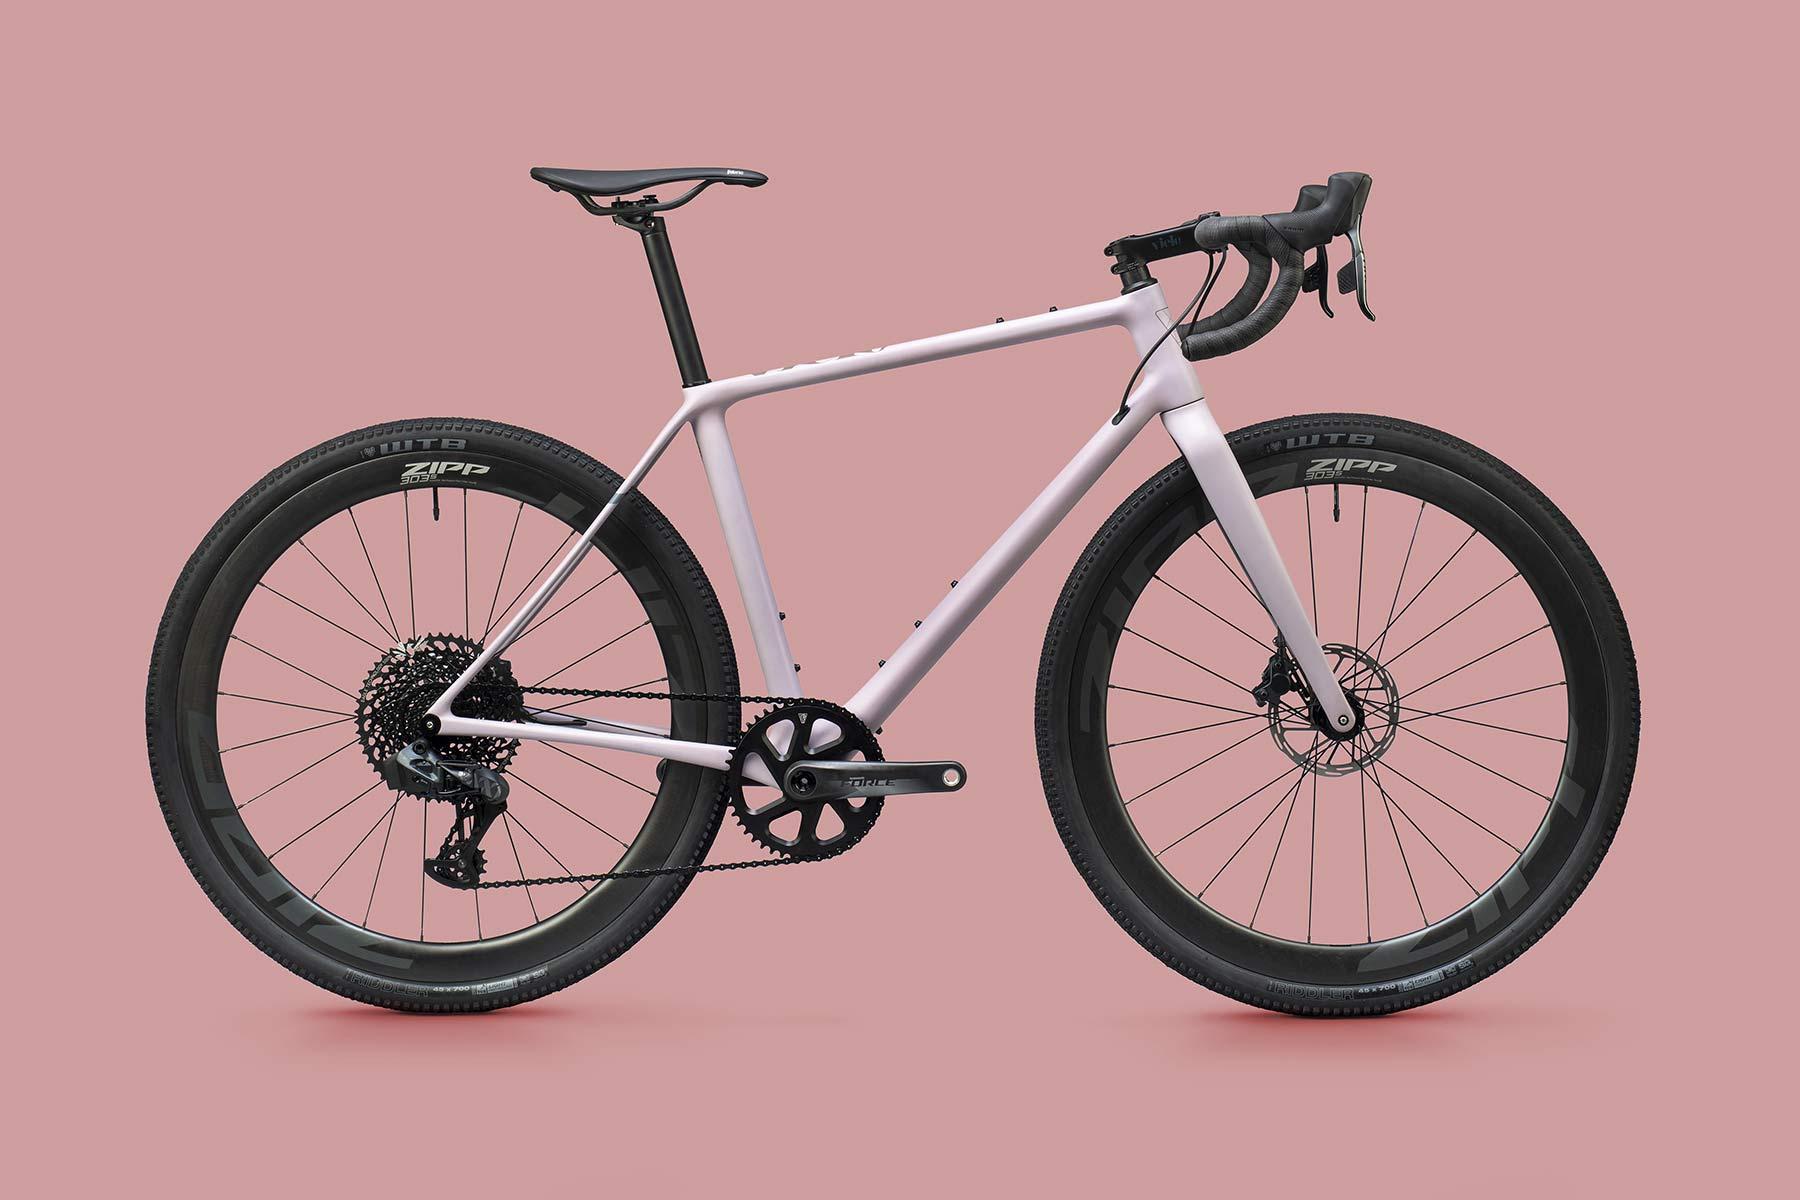 Les vélos de gravel Vielo V + 1 libèrent des gen2 plus performants, prêts pour chaque sortie quittant le tarmac